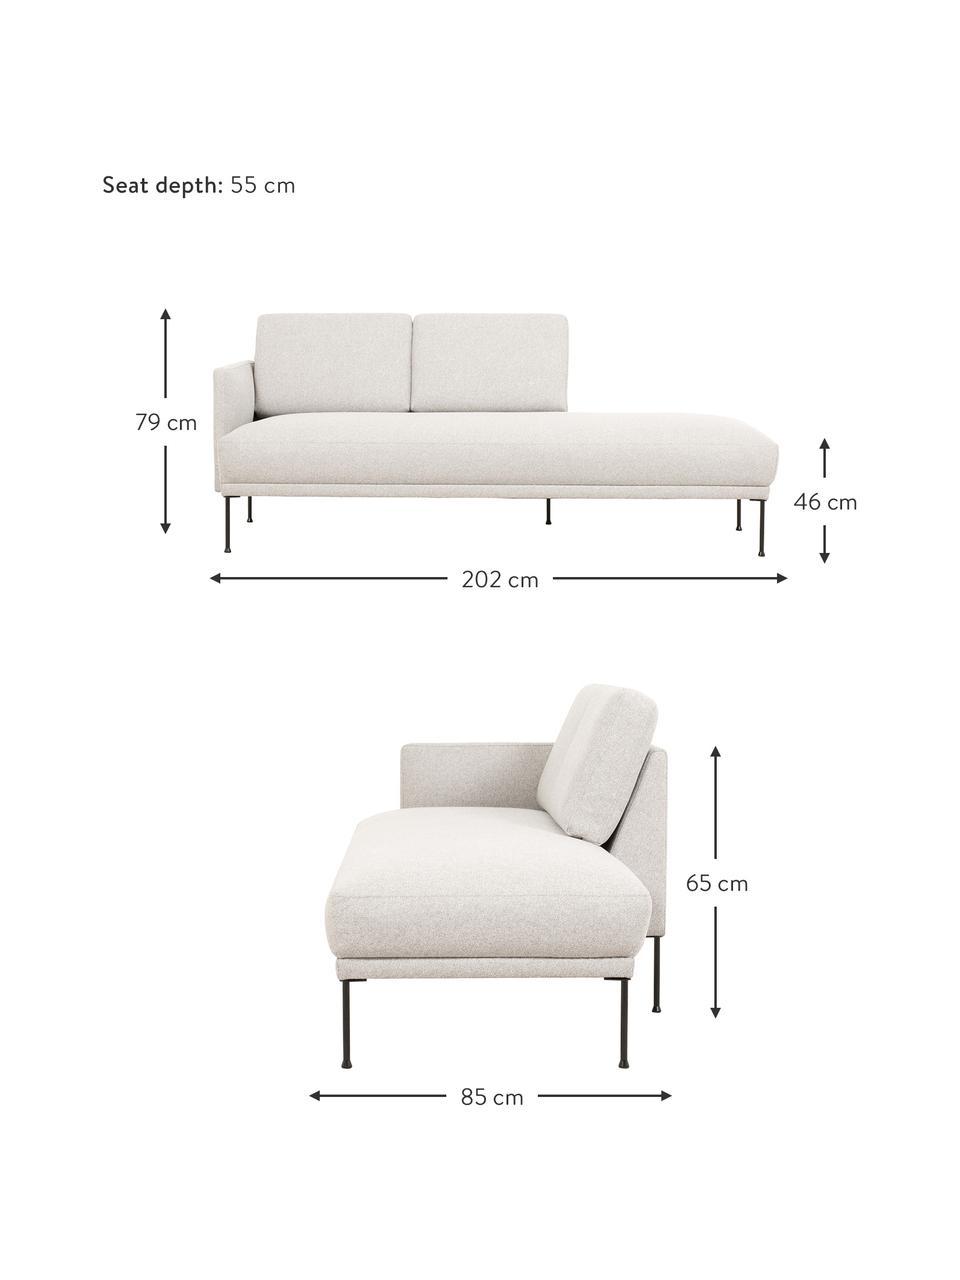 Szezlong z metalowymi nogami Fluente, Tapicerka: 80% poliester, 20% ramia , Nogi: metal malowany proszkowo, Beżowy, S 202 x G 85 cm